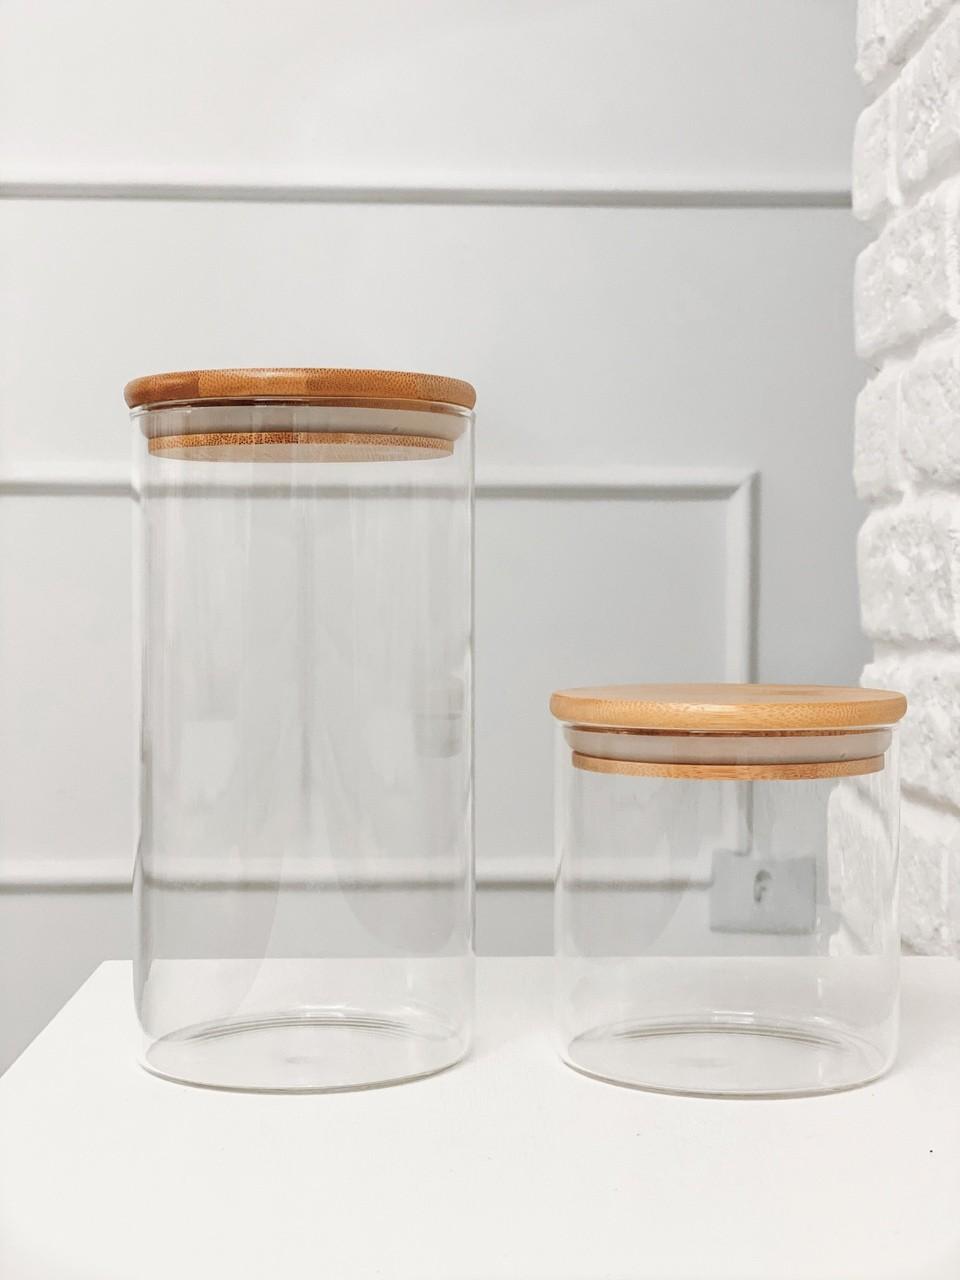 Kit Pote de Vidro com Tampa de Bambu 500ml + 1100ml - 2 Peças  - CASACOBRE